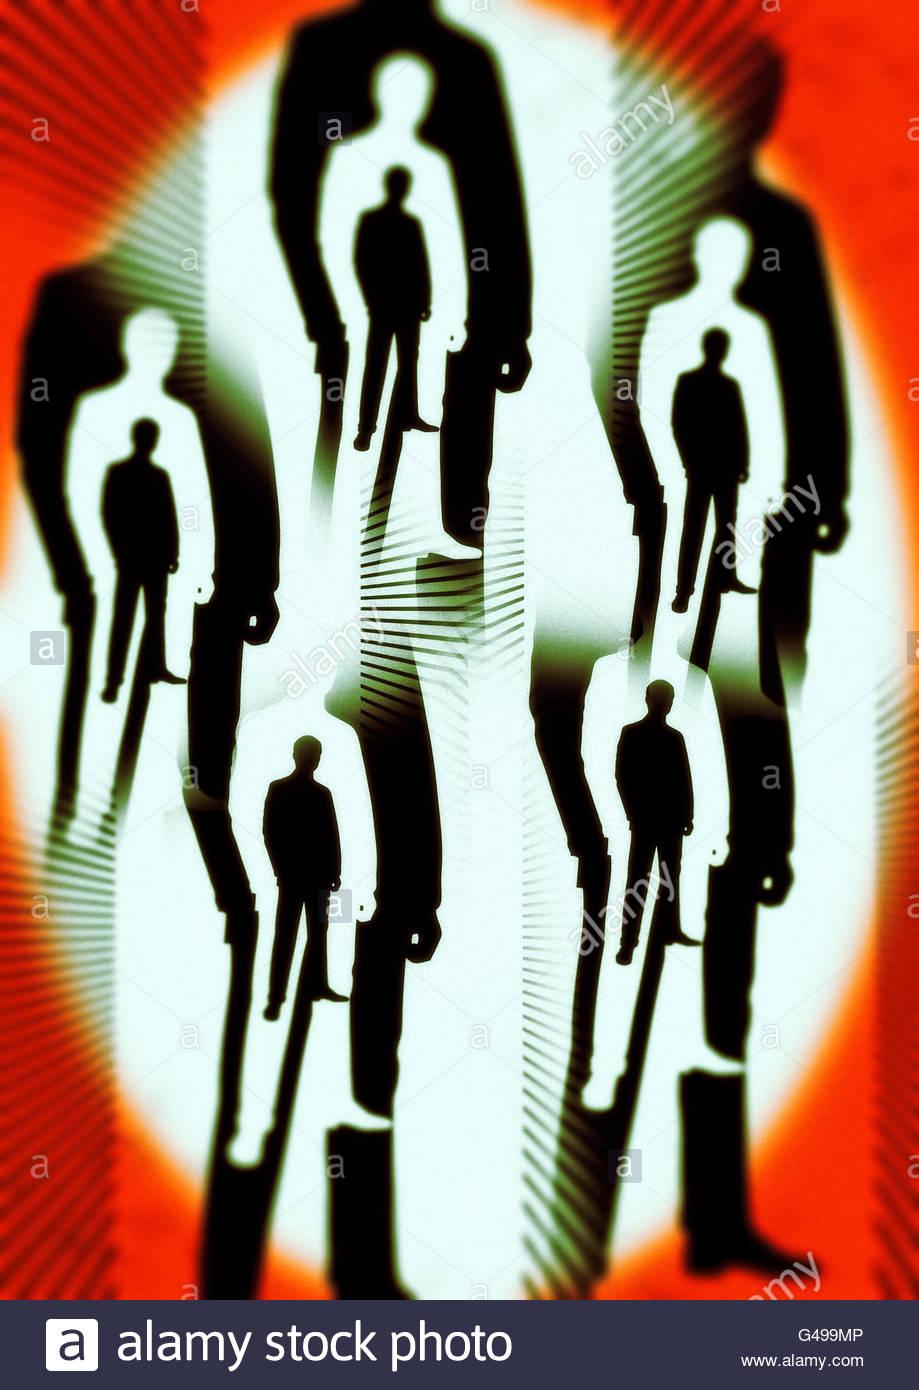 Los hombres de negro el área 51 conspiración roswell ilustración Imagen De Stock